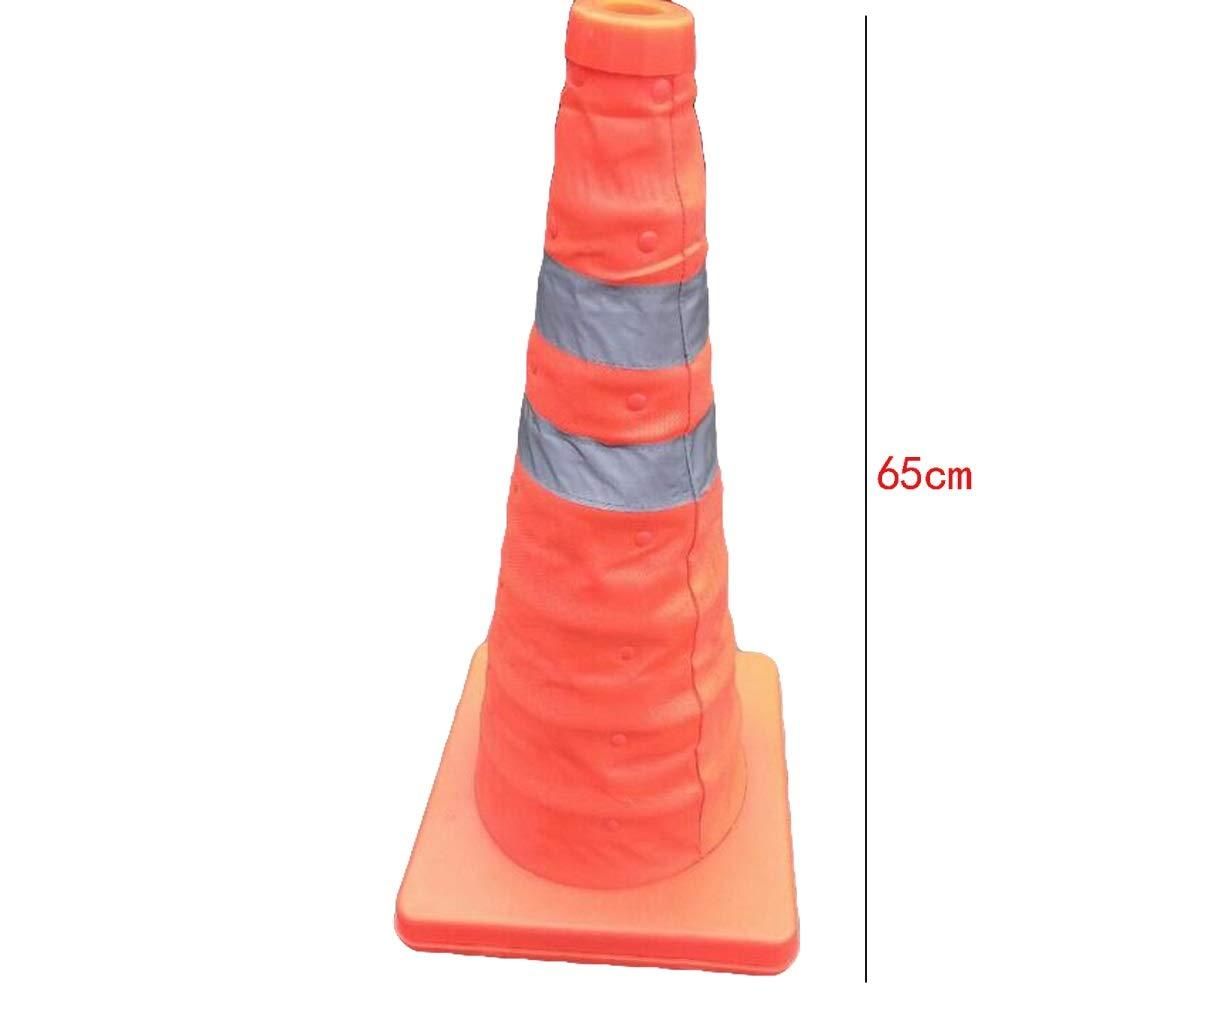 Conos de estacionamiento en carretera Conos de construcci/ón de seguridad Conos de tr/áfico plegables Cono de seguridad retr/áctil 65 cm